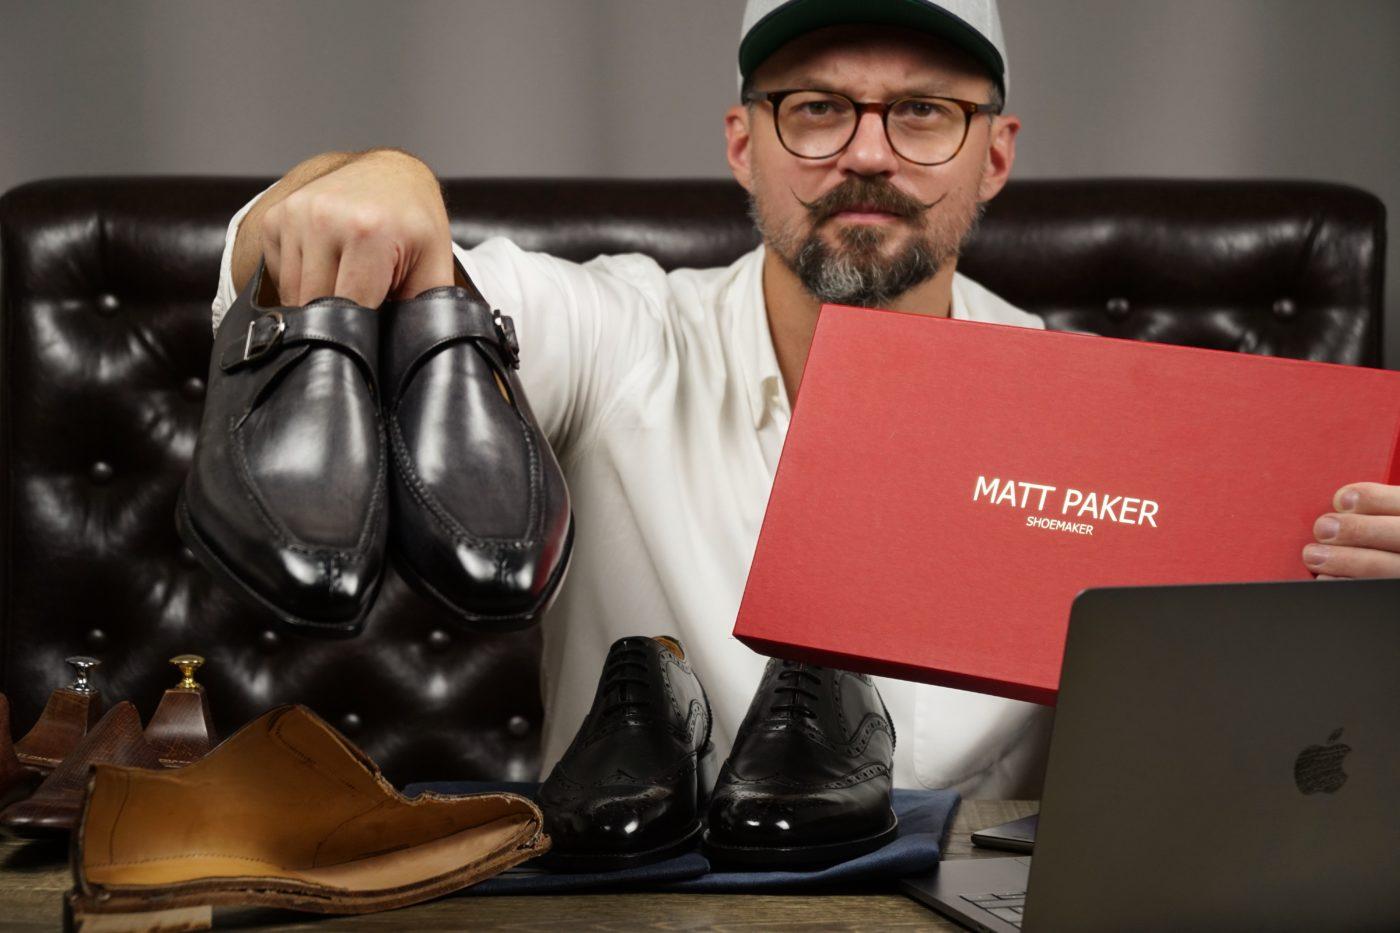 Matt-Paker-Shoes